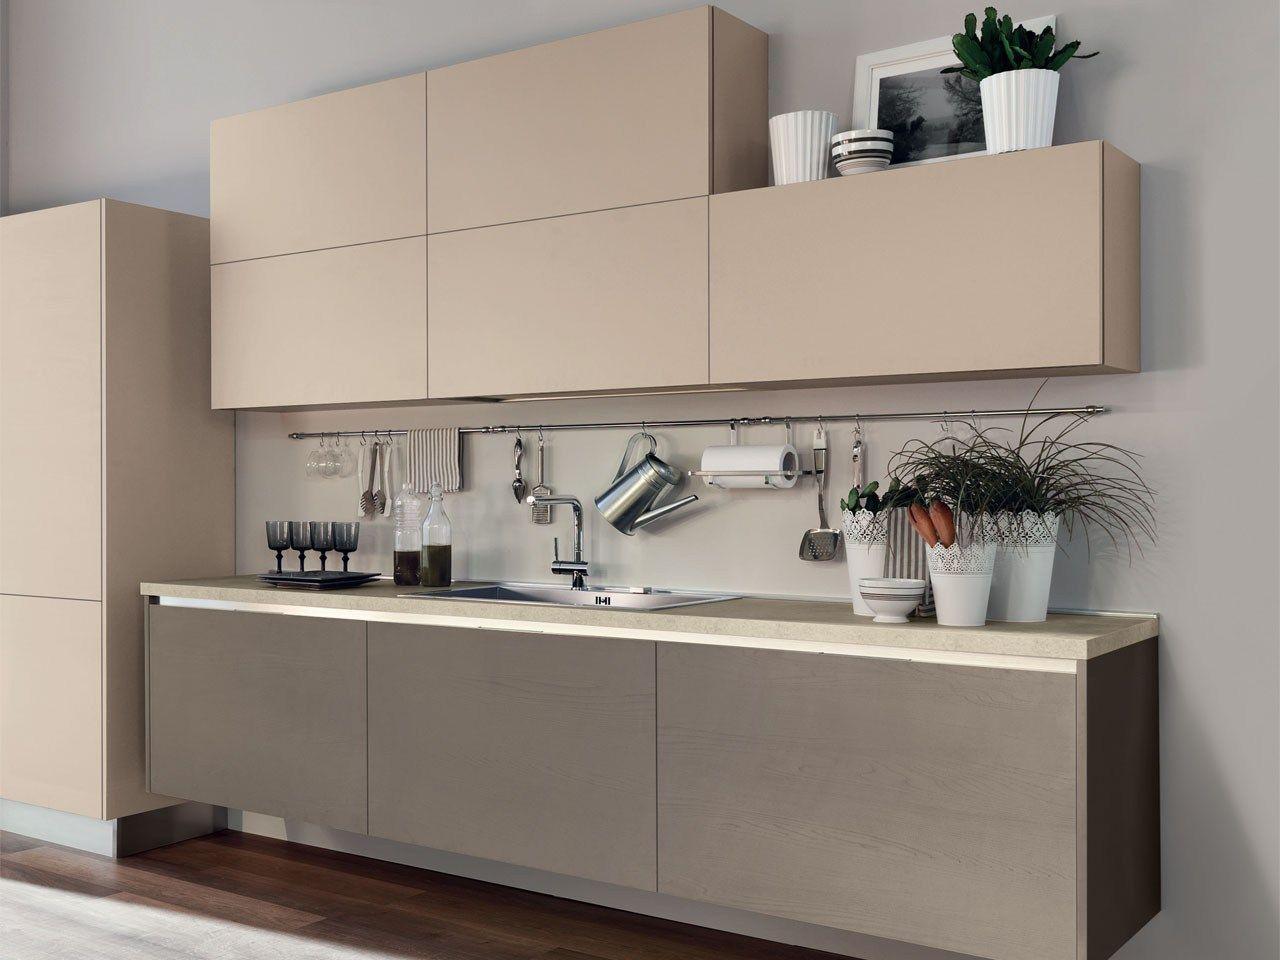 Essenza cucina senza maniglie by cucine lube - Maniglie per pensili cucina ...